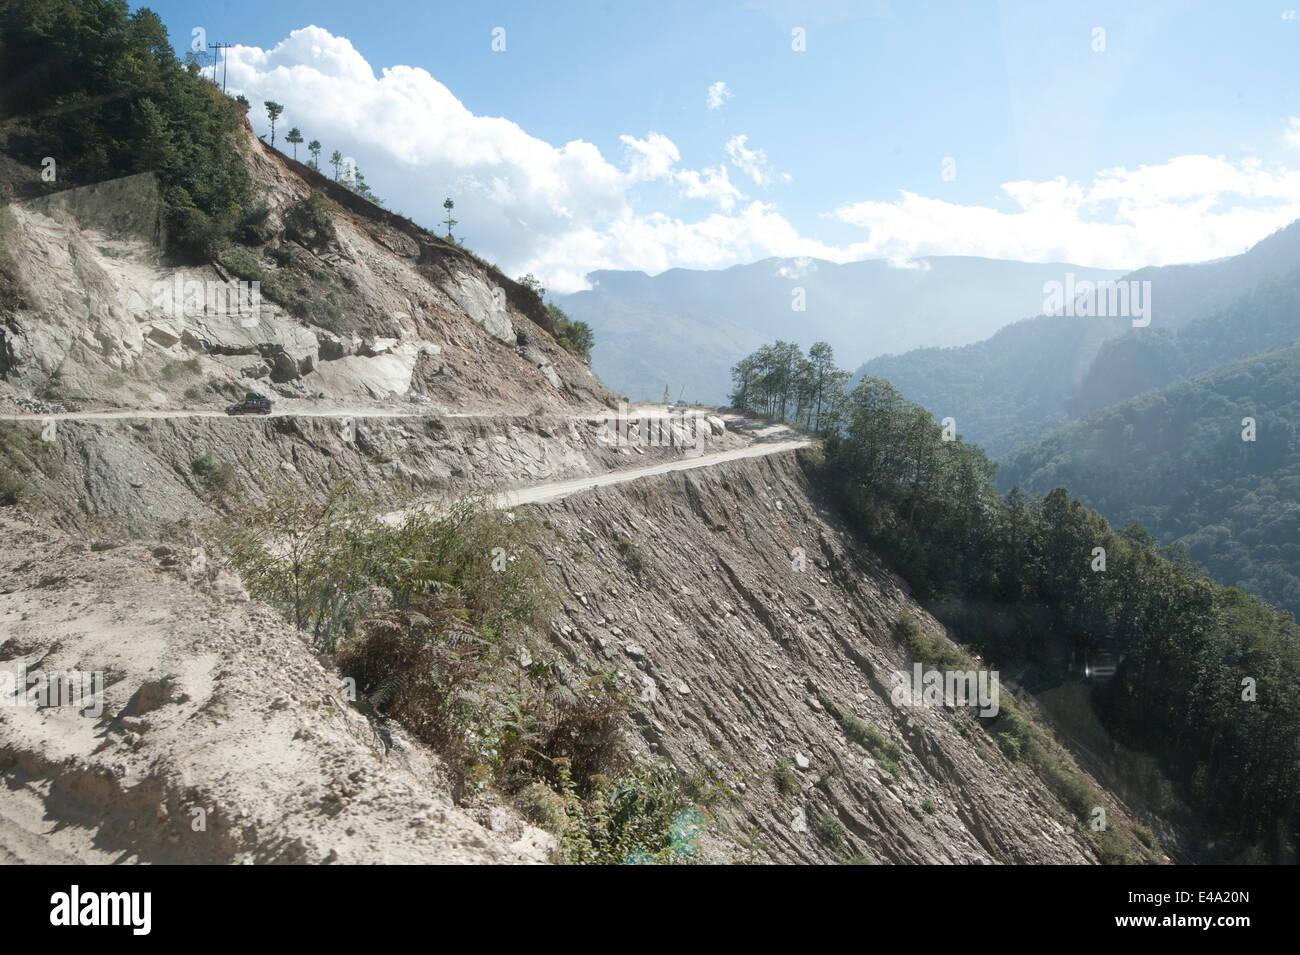 Alta strade di montagna tagliato nella roccia a strapiombo, Arunachal Pradesh, India, Asia Immagini Stock